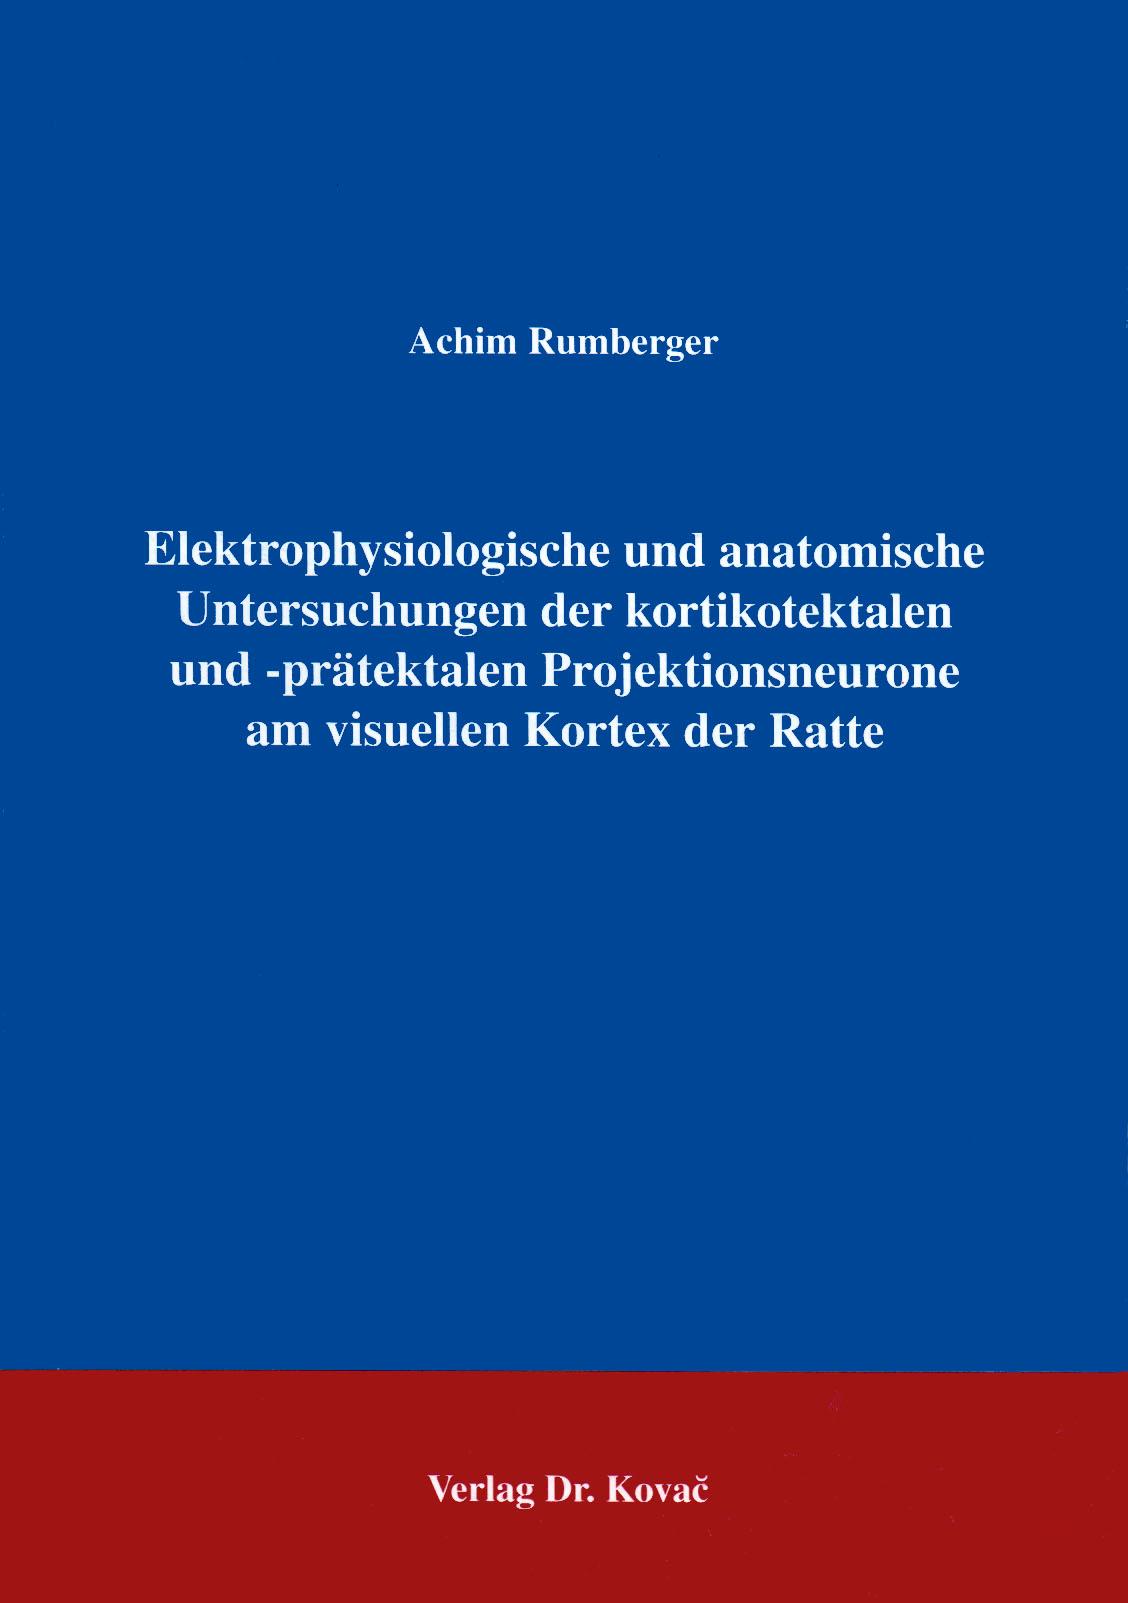 Cover: Elektrophysiologische und anatomische Untersuchungen der kortikotektalen und -prätektalen Projektionsneurone am visuellen Kortex der Ratte